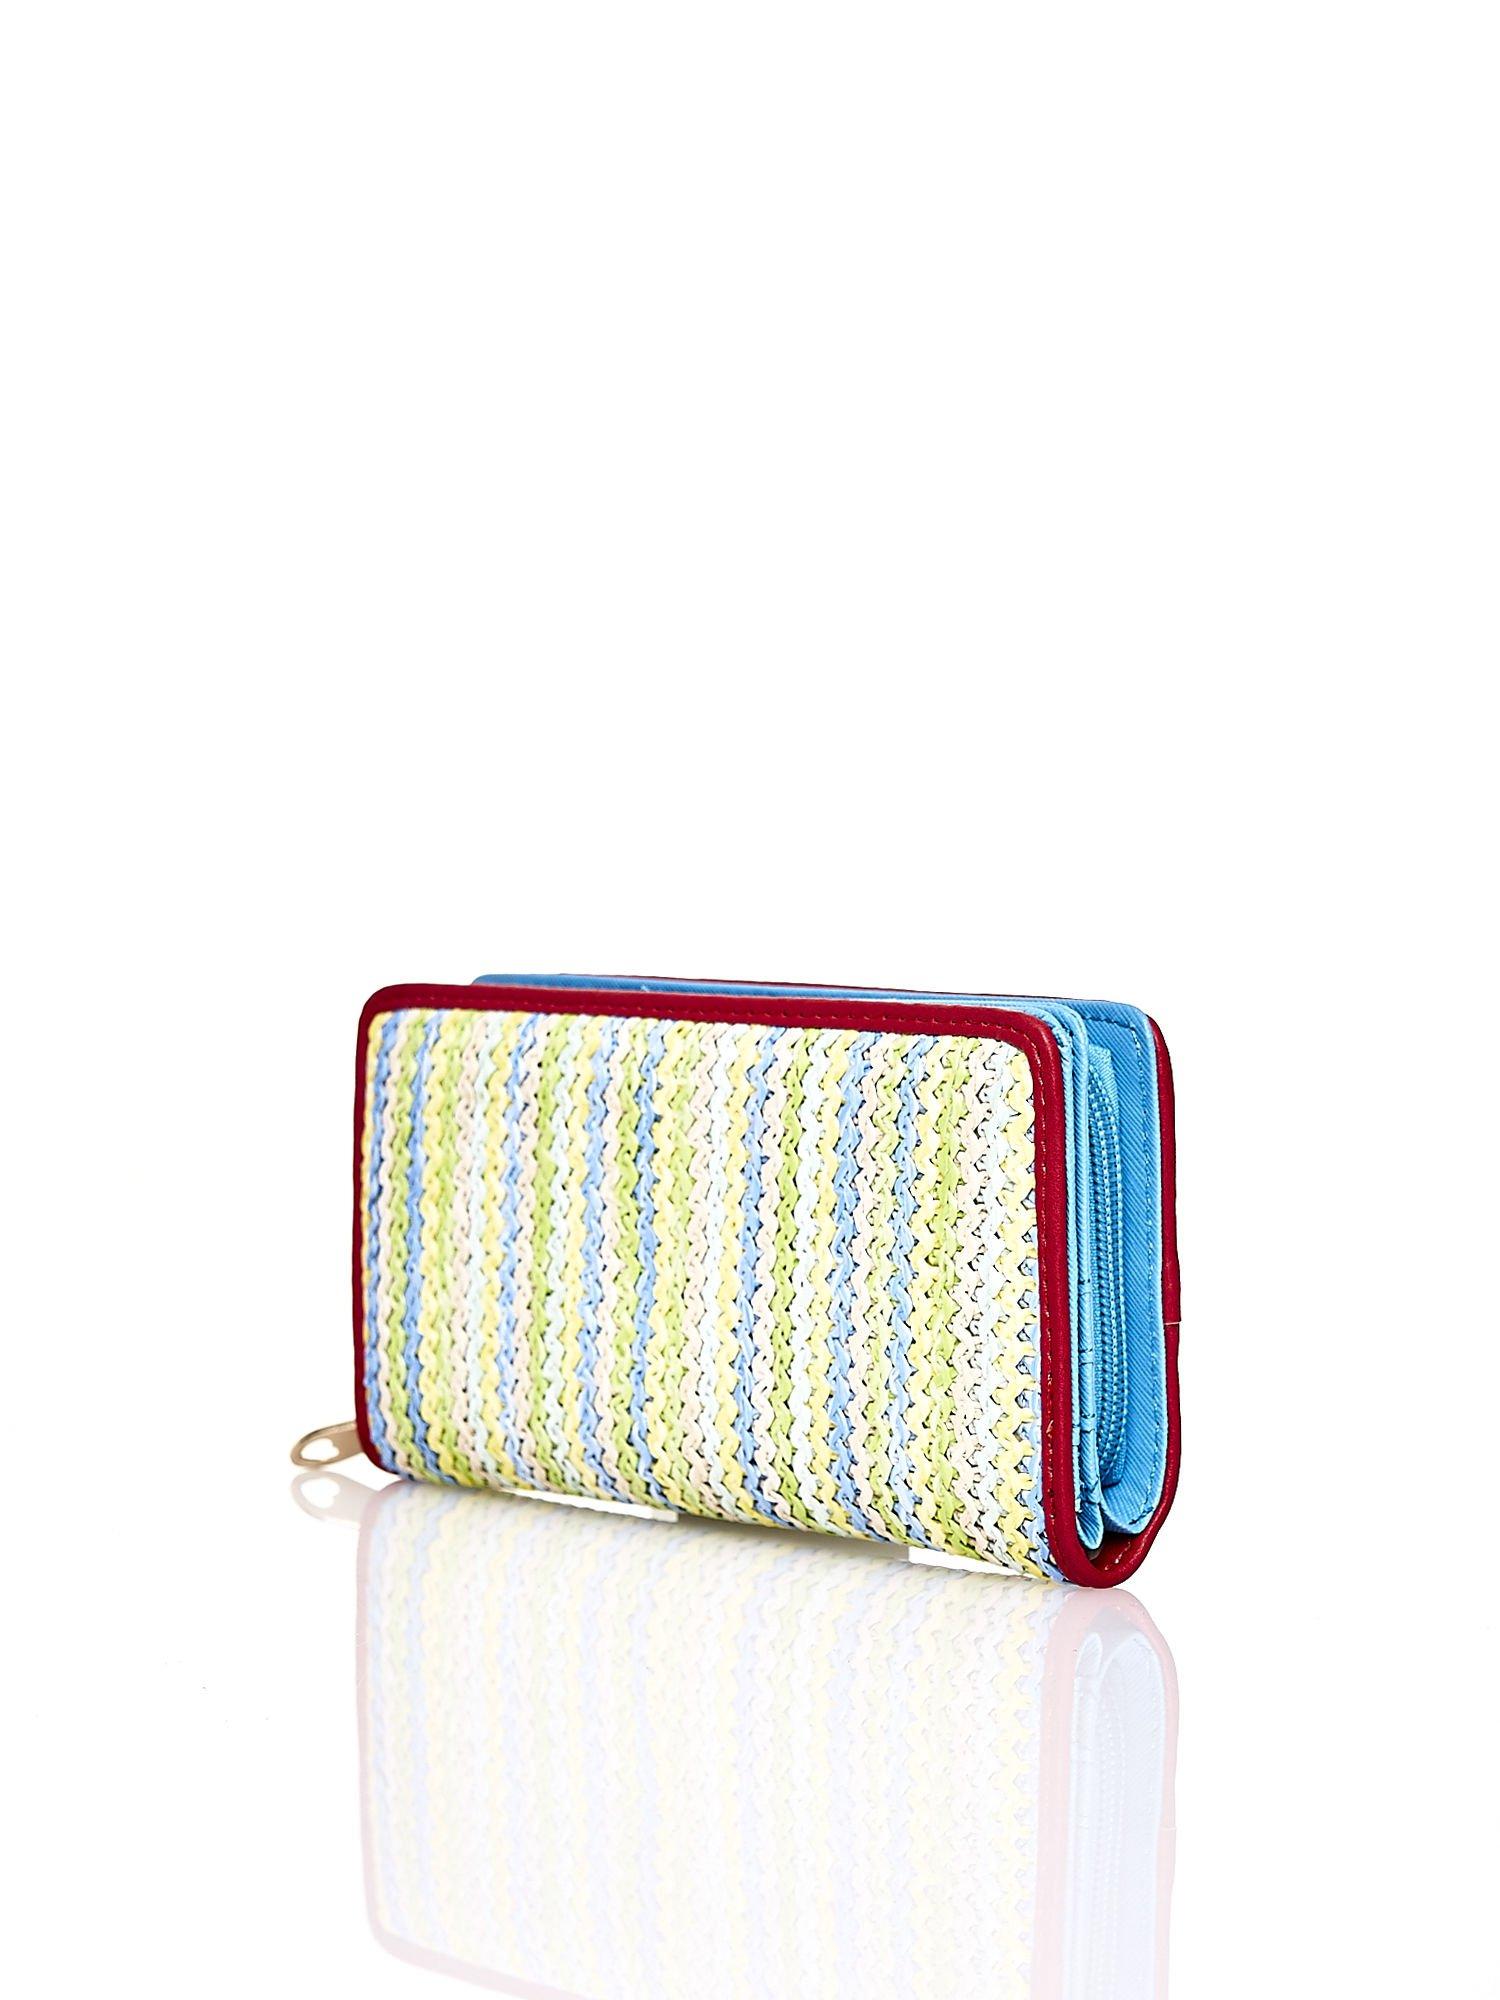 Niebieski pleciony portfel w pionowe pastelowe paski                                  zdj.                                  2